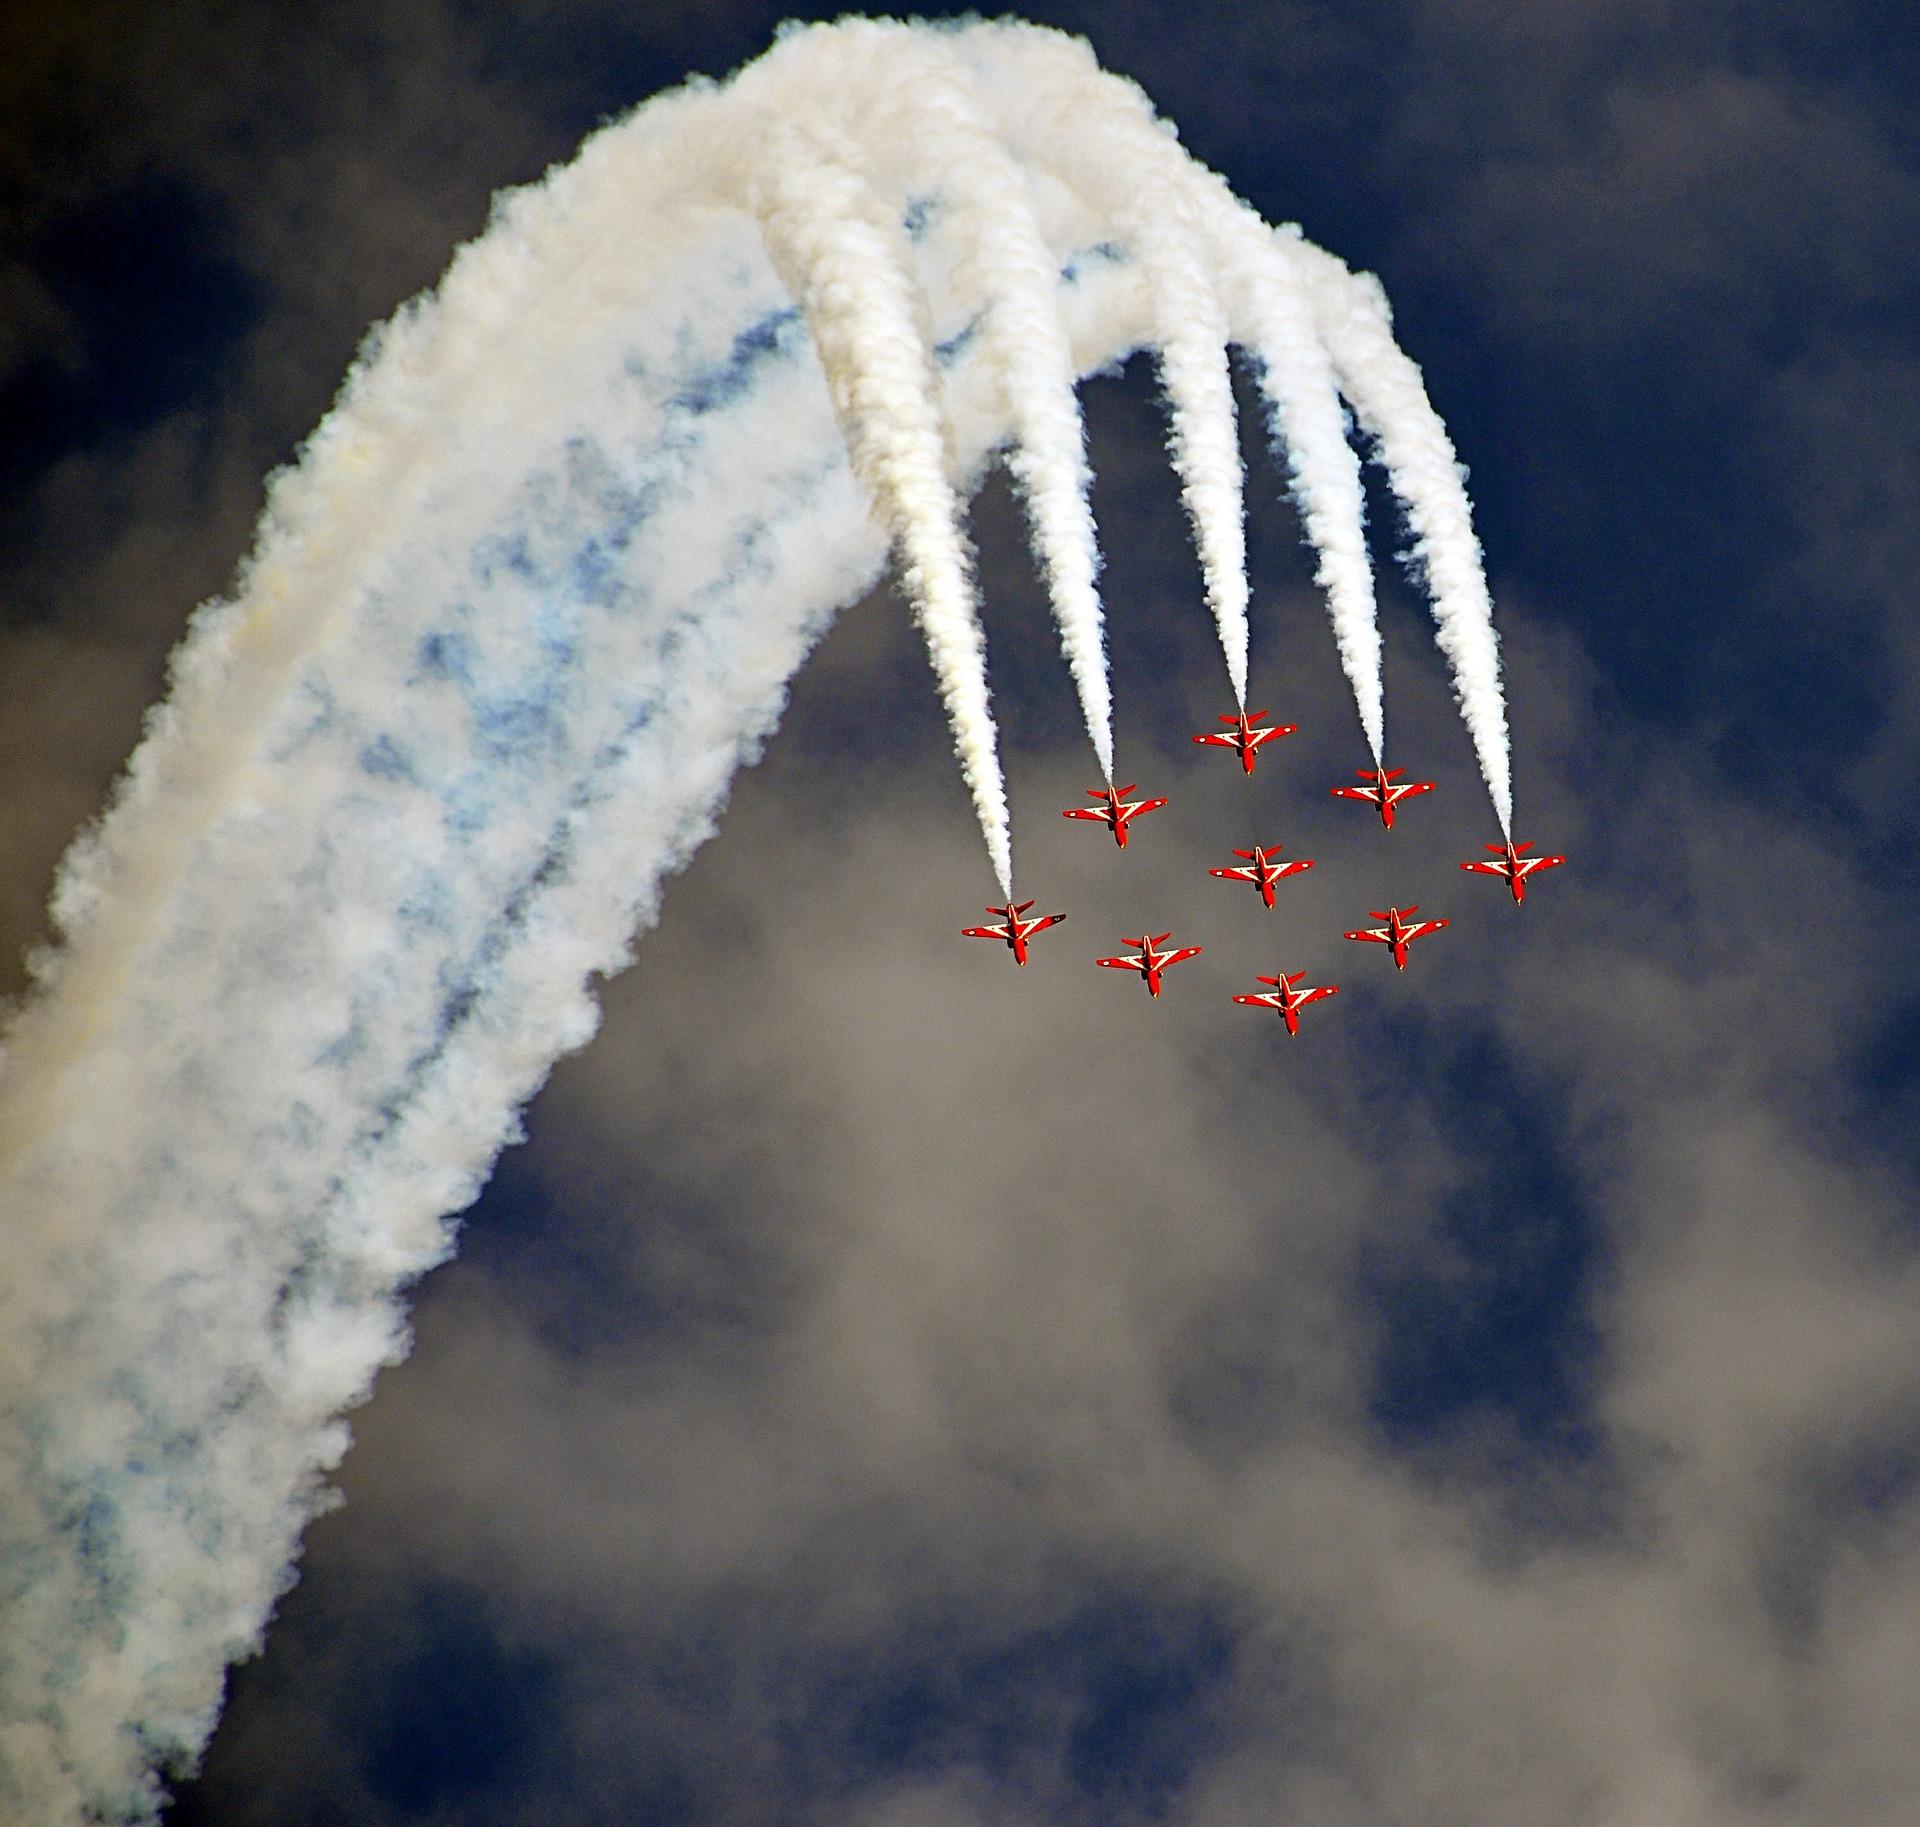 avion, Voir l'établissement, acrobatie, mouche, fumée - Fonds d'écran HD - Professor-falken.com